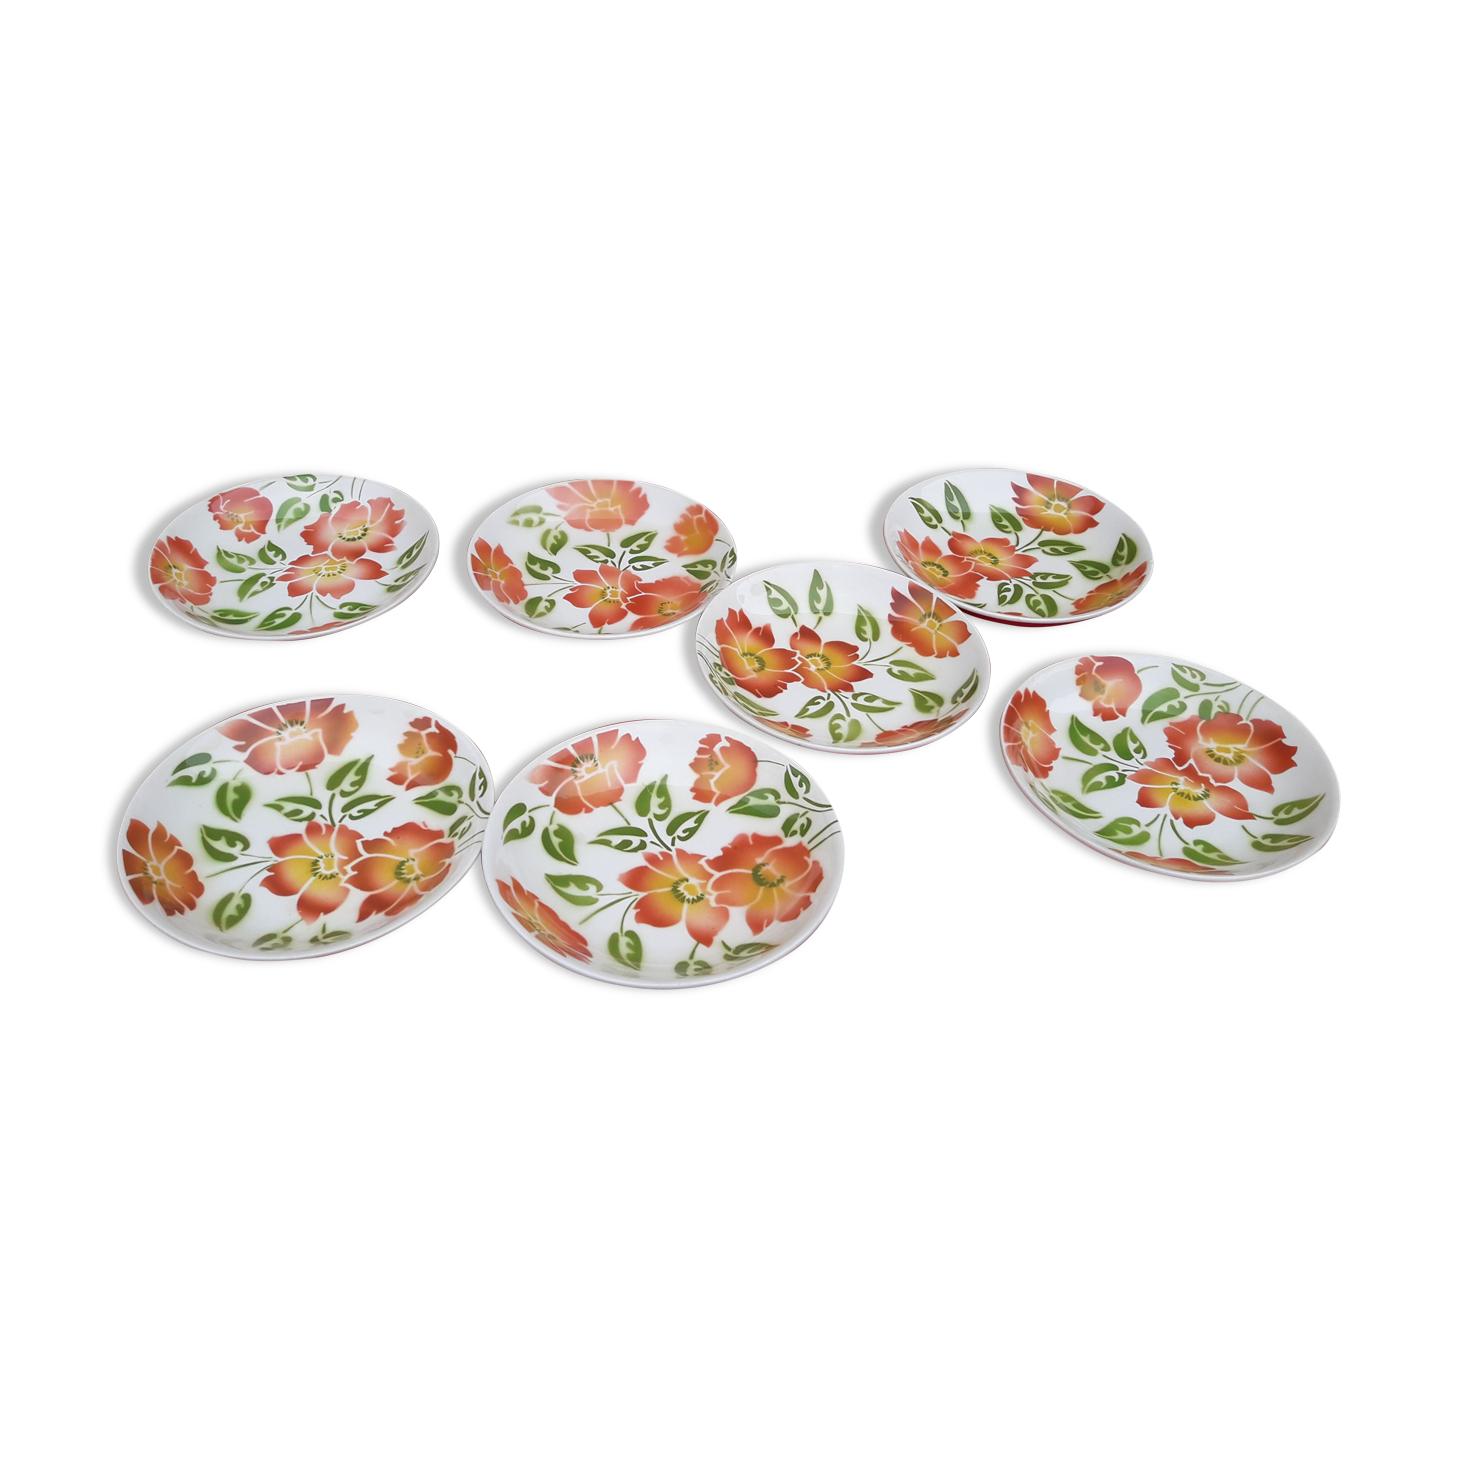 Set de 7 assiettes creuses en faïence Moulin des loups orchies modèle Ontario diam 21,5 cm